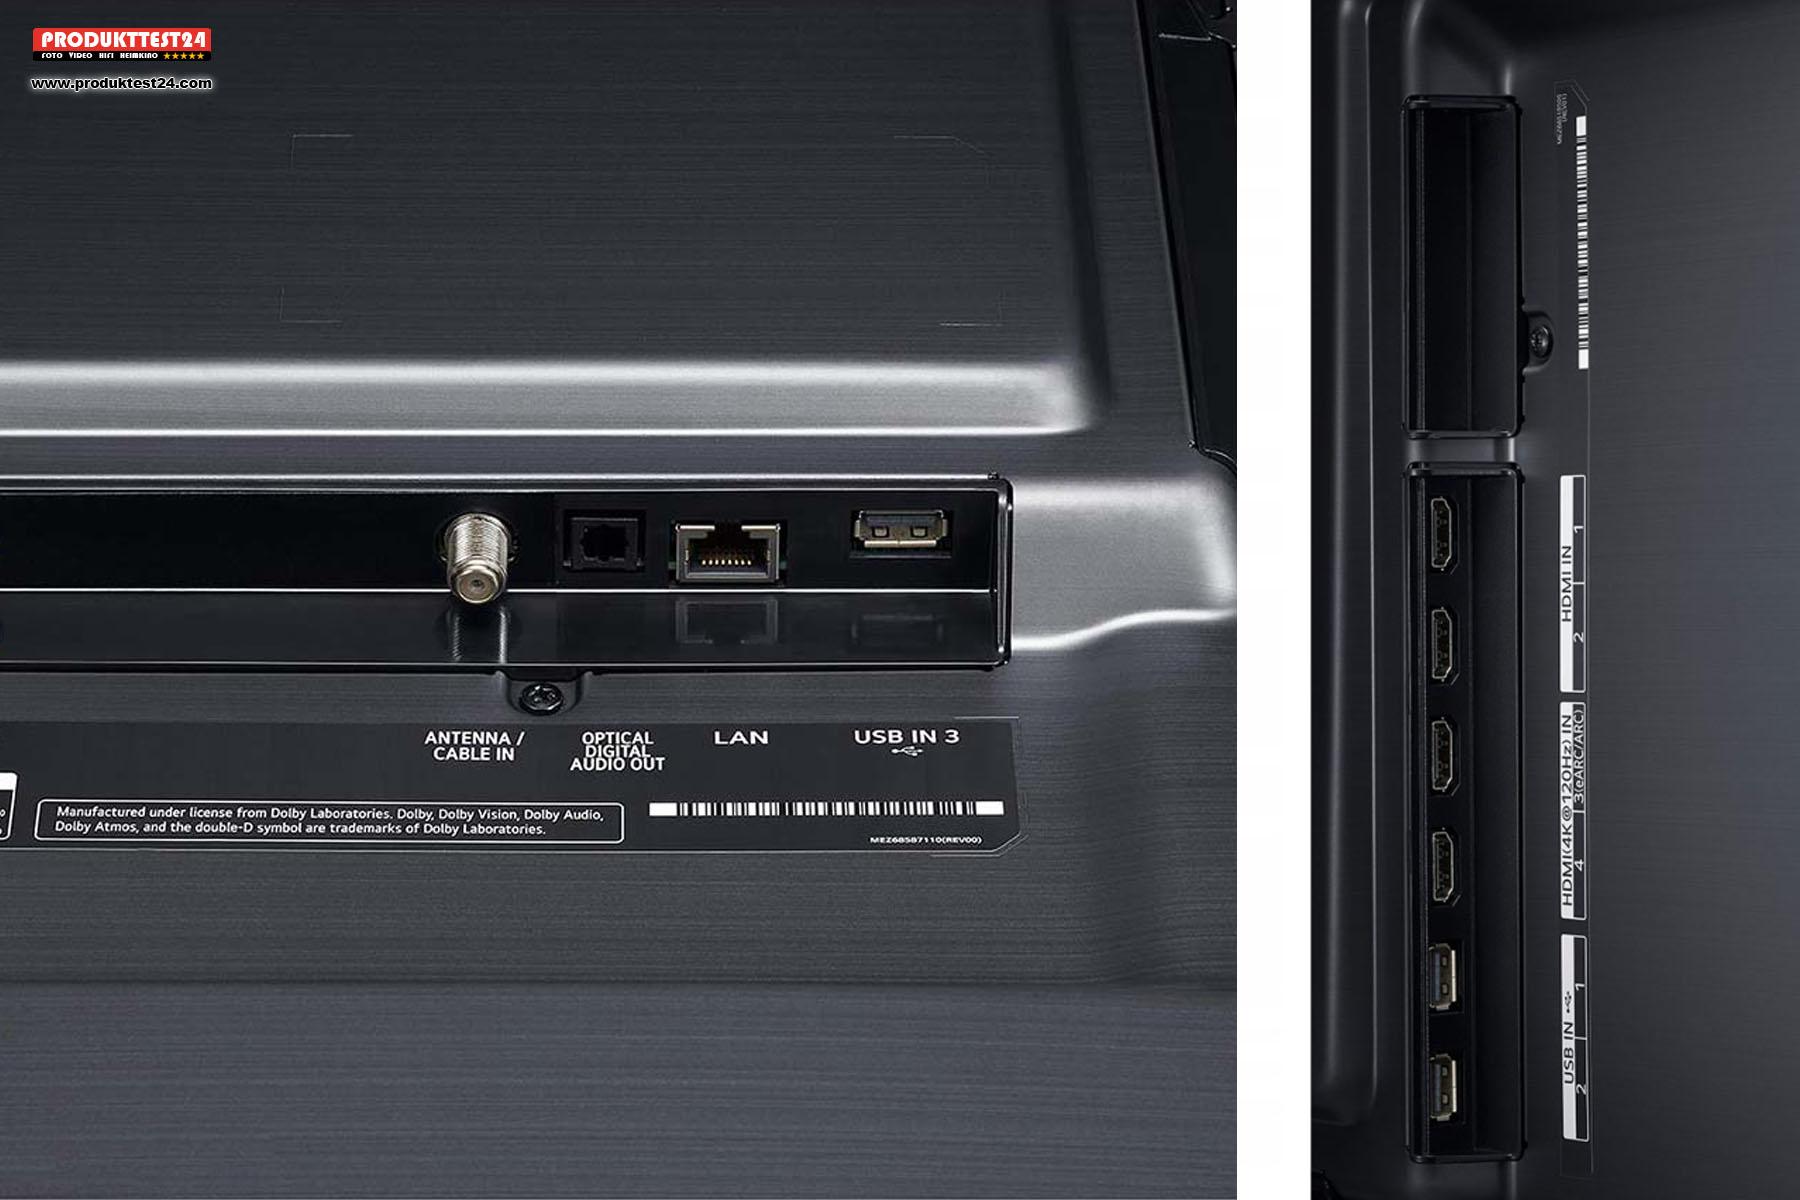 Gut bestücktes Anschlusspanel mit HDMI 2.1 Eingängen